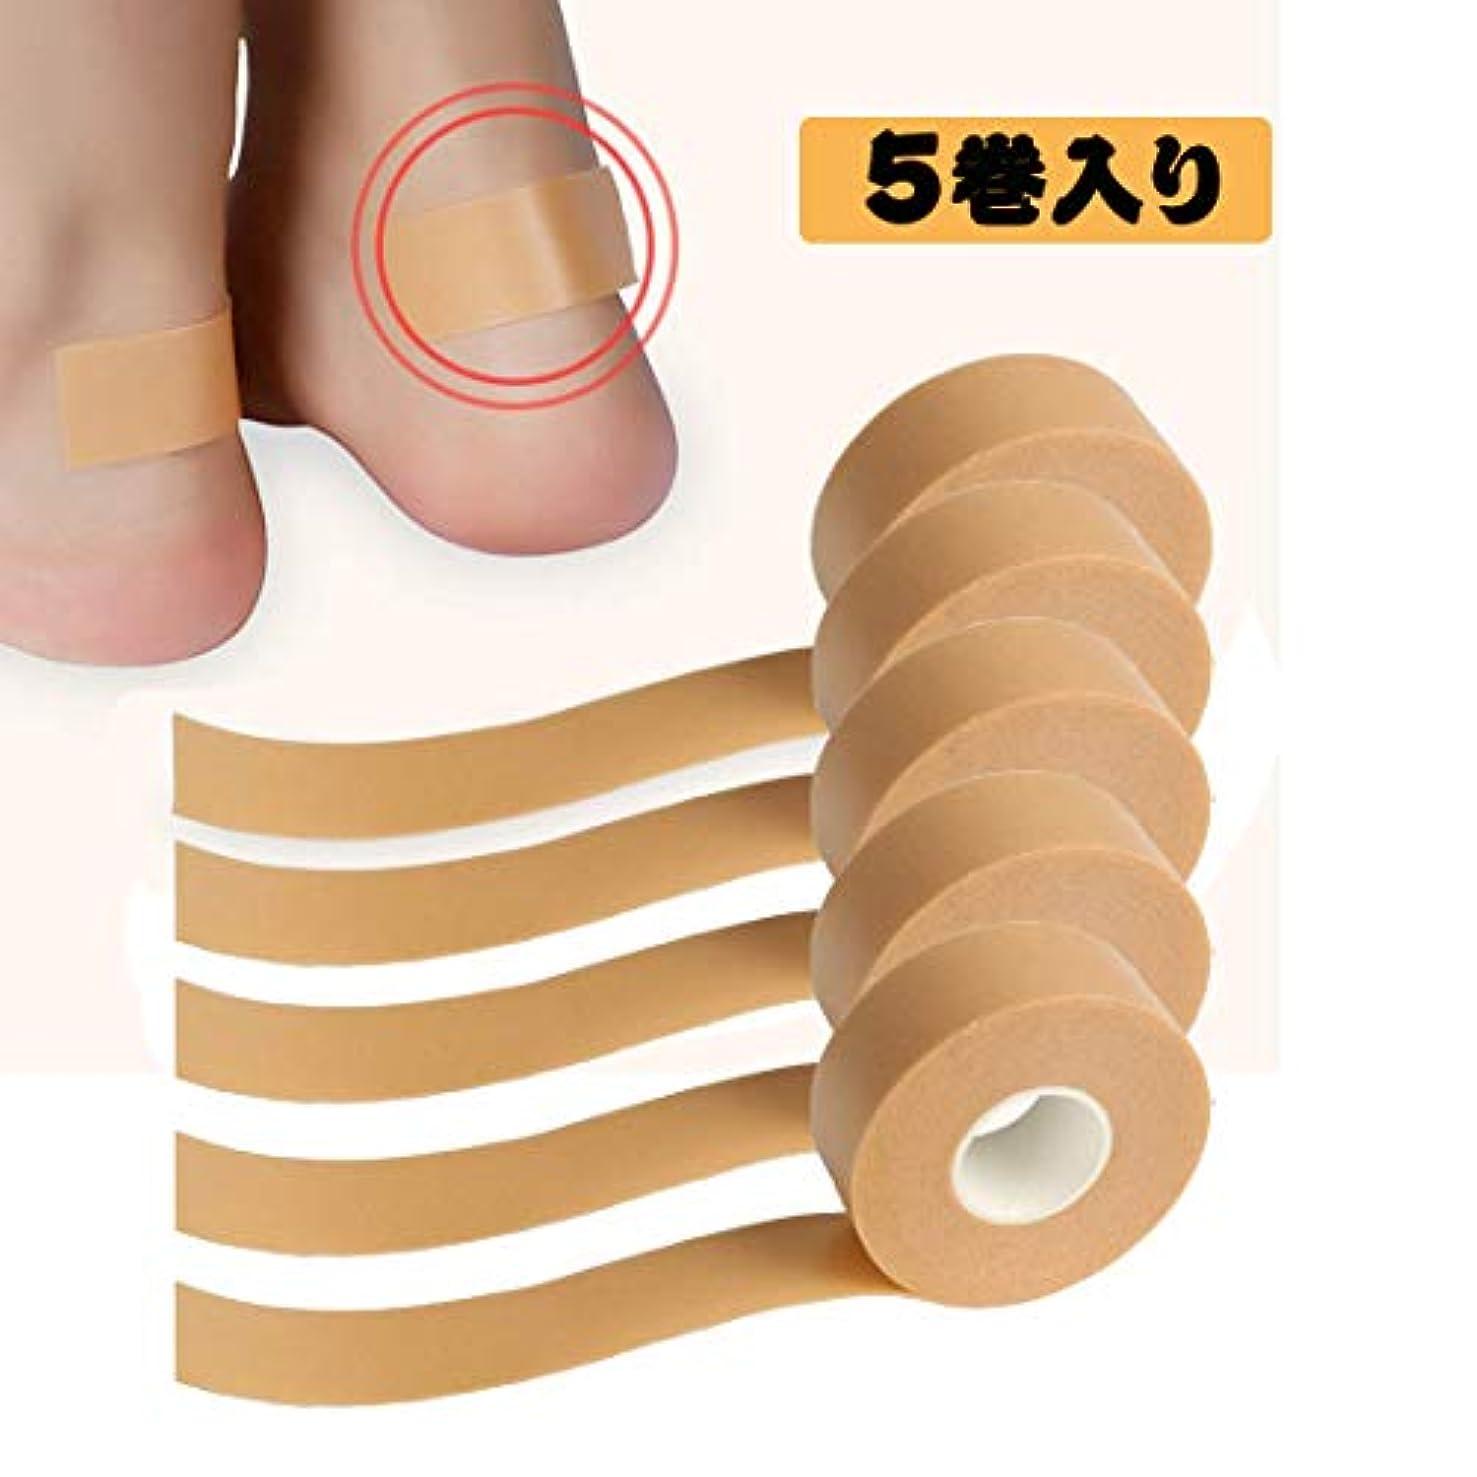 Shengshou 靴ずれ予防テープ かかと パッド 靴擦れ防止 フットヒールステッカーテープ 靴ズレ防止 グ ラインドフットステッカー 切断可能 防水素材 足痛み軽減 痛み緩和 伸縮性抜群 通気 男女兼用 5巻入り